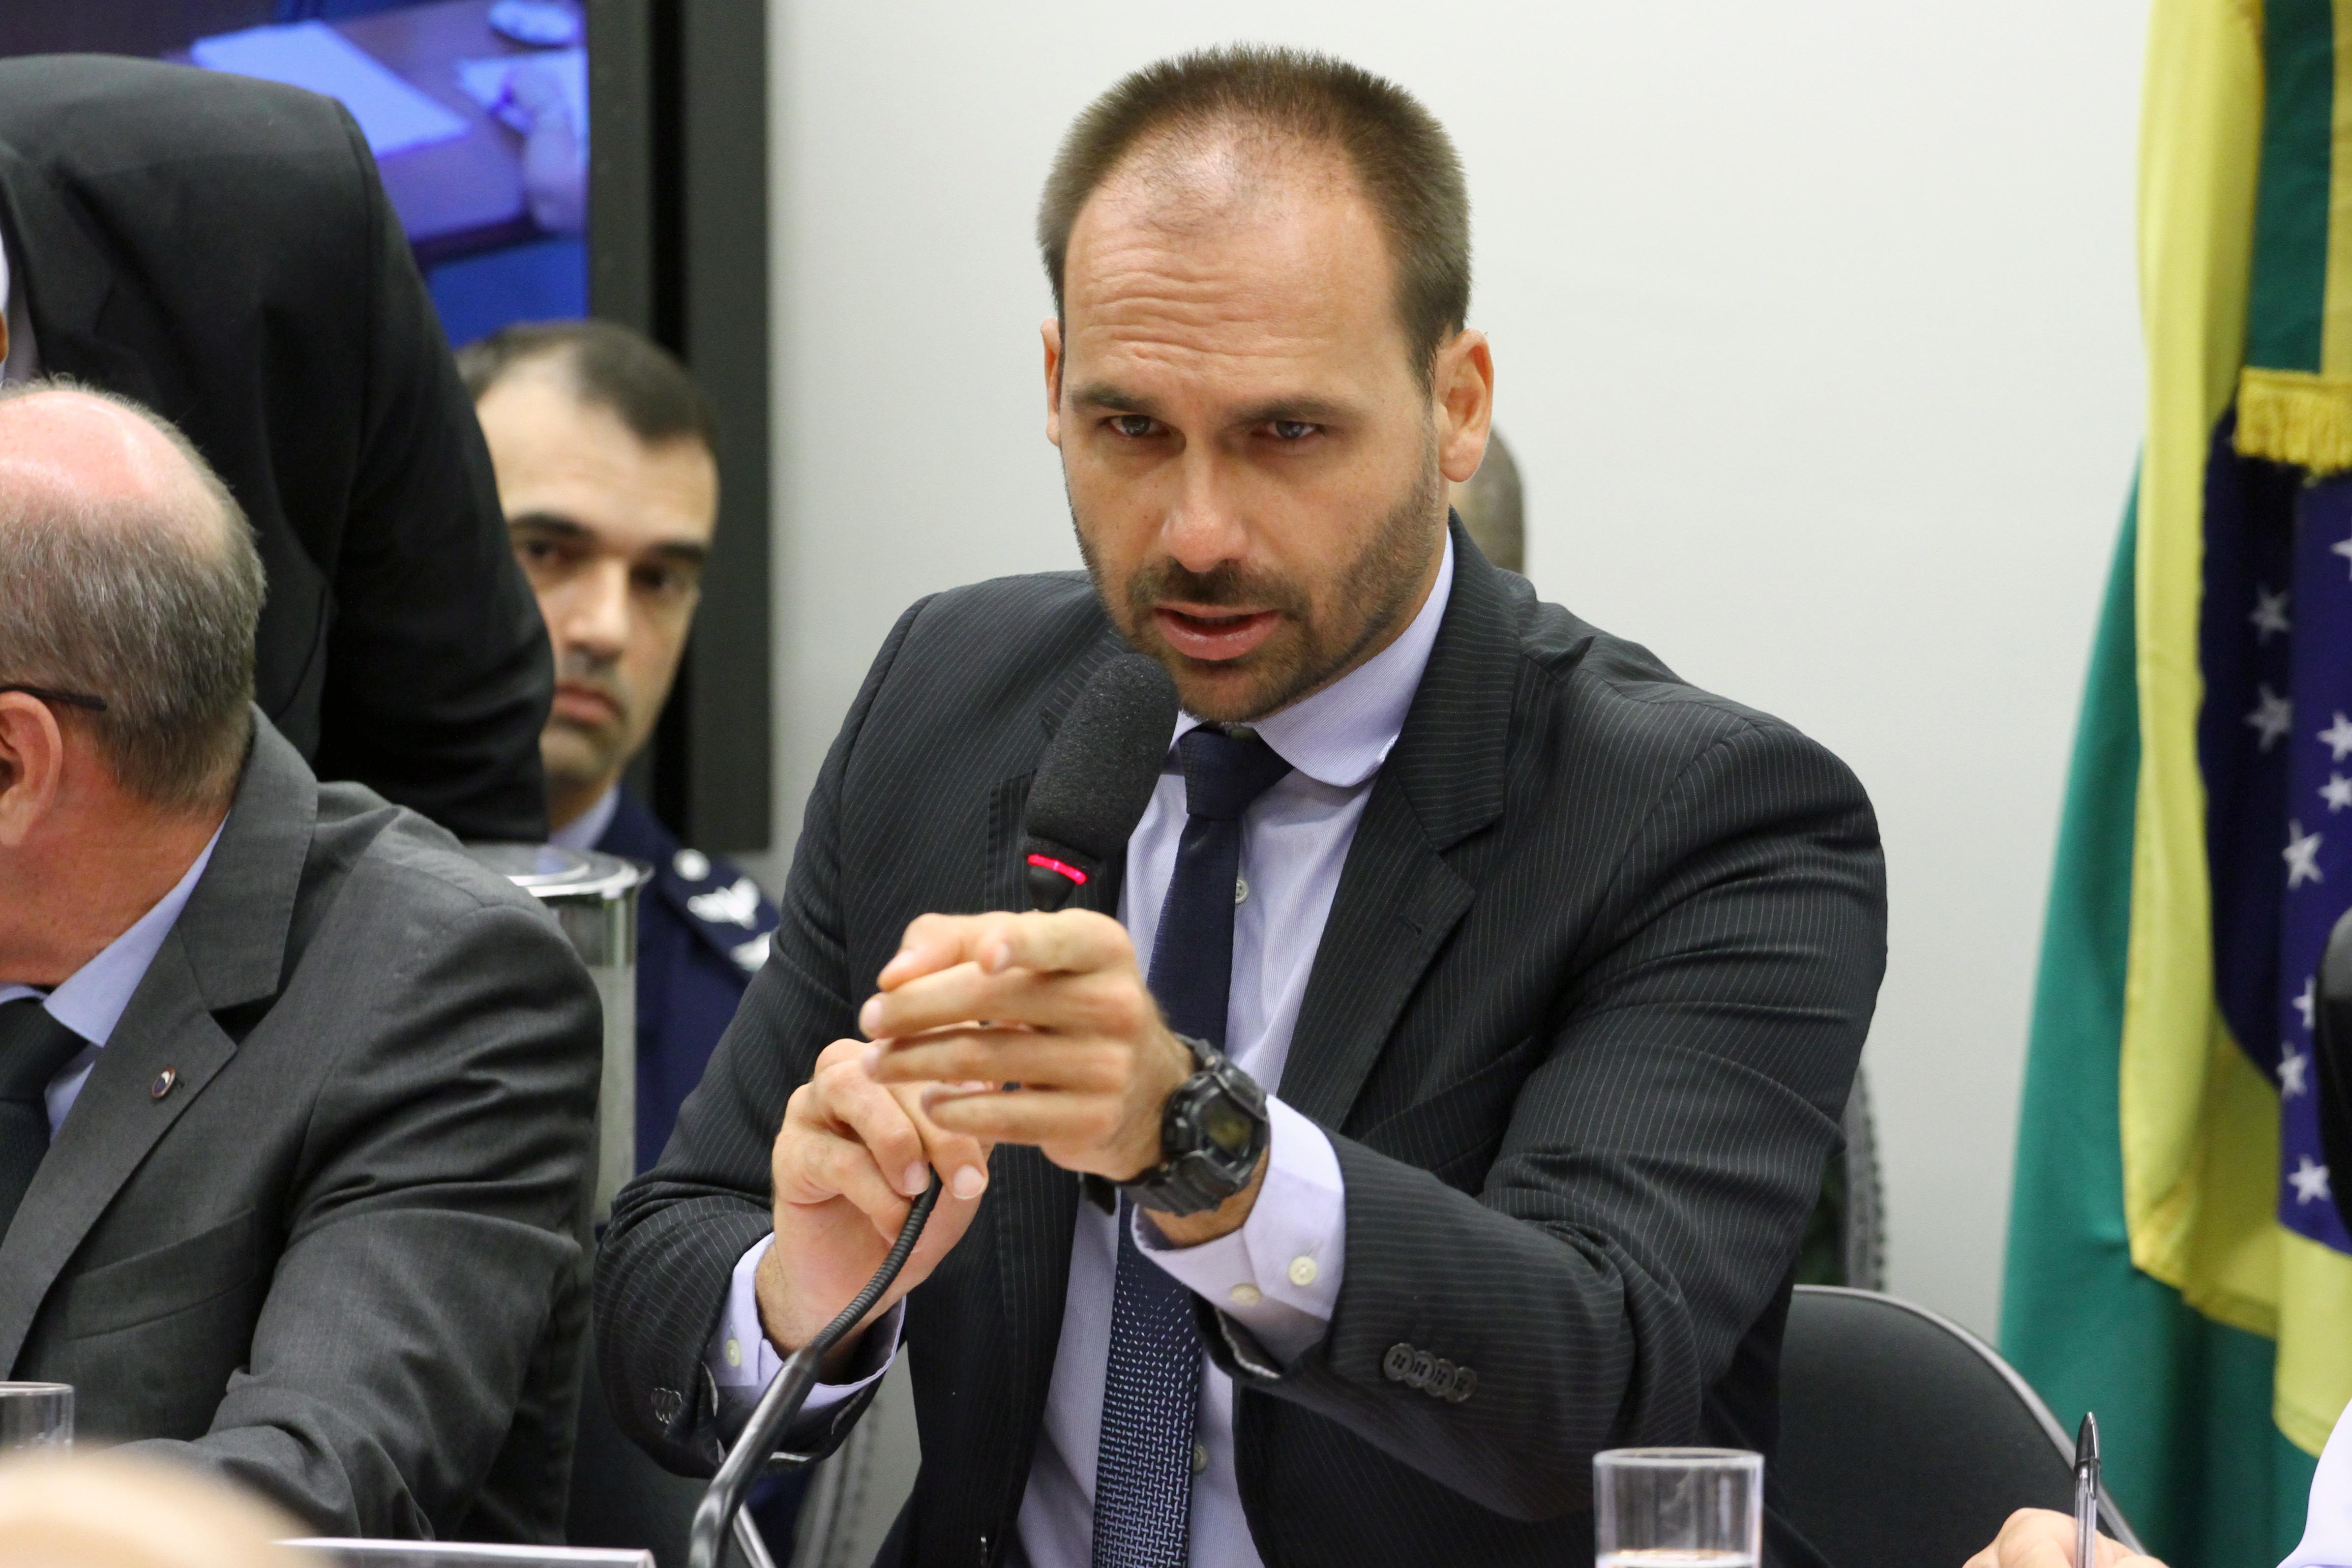 Audiência pública sobre as prioridades para o ano em curso e as perspectivas de atuação futura do Ministério da Defesa. Dep. Eduardo Bolsonaro (PSL - SP)